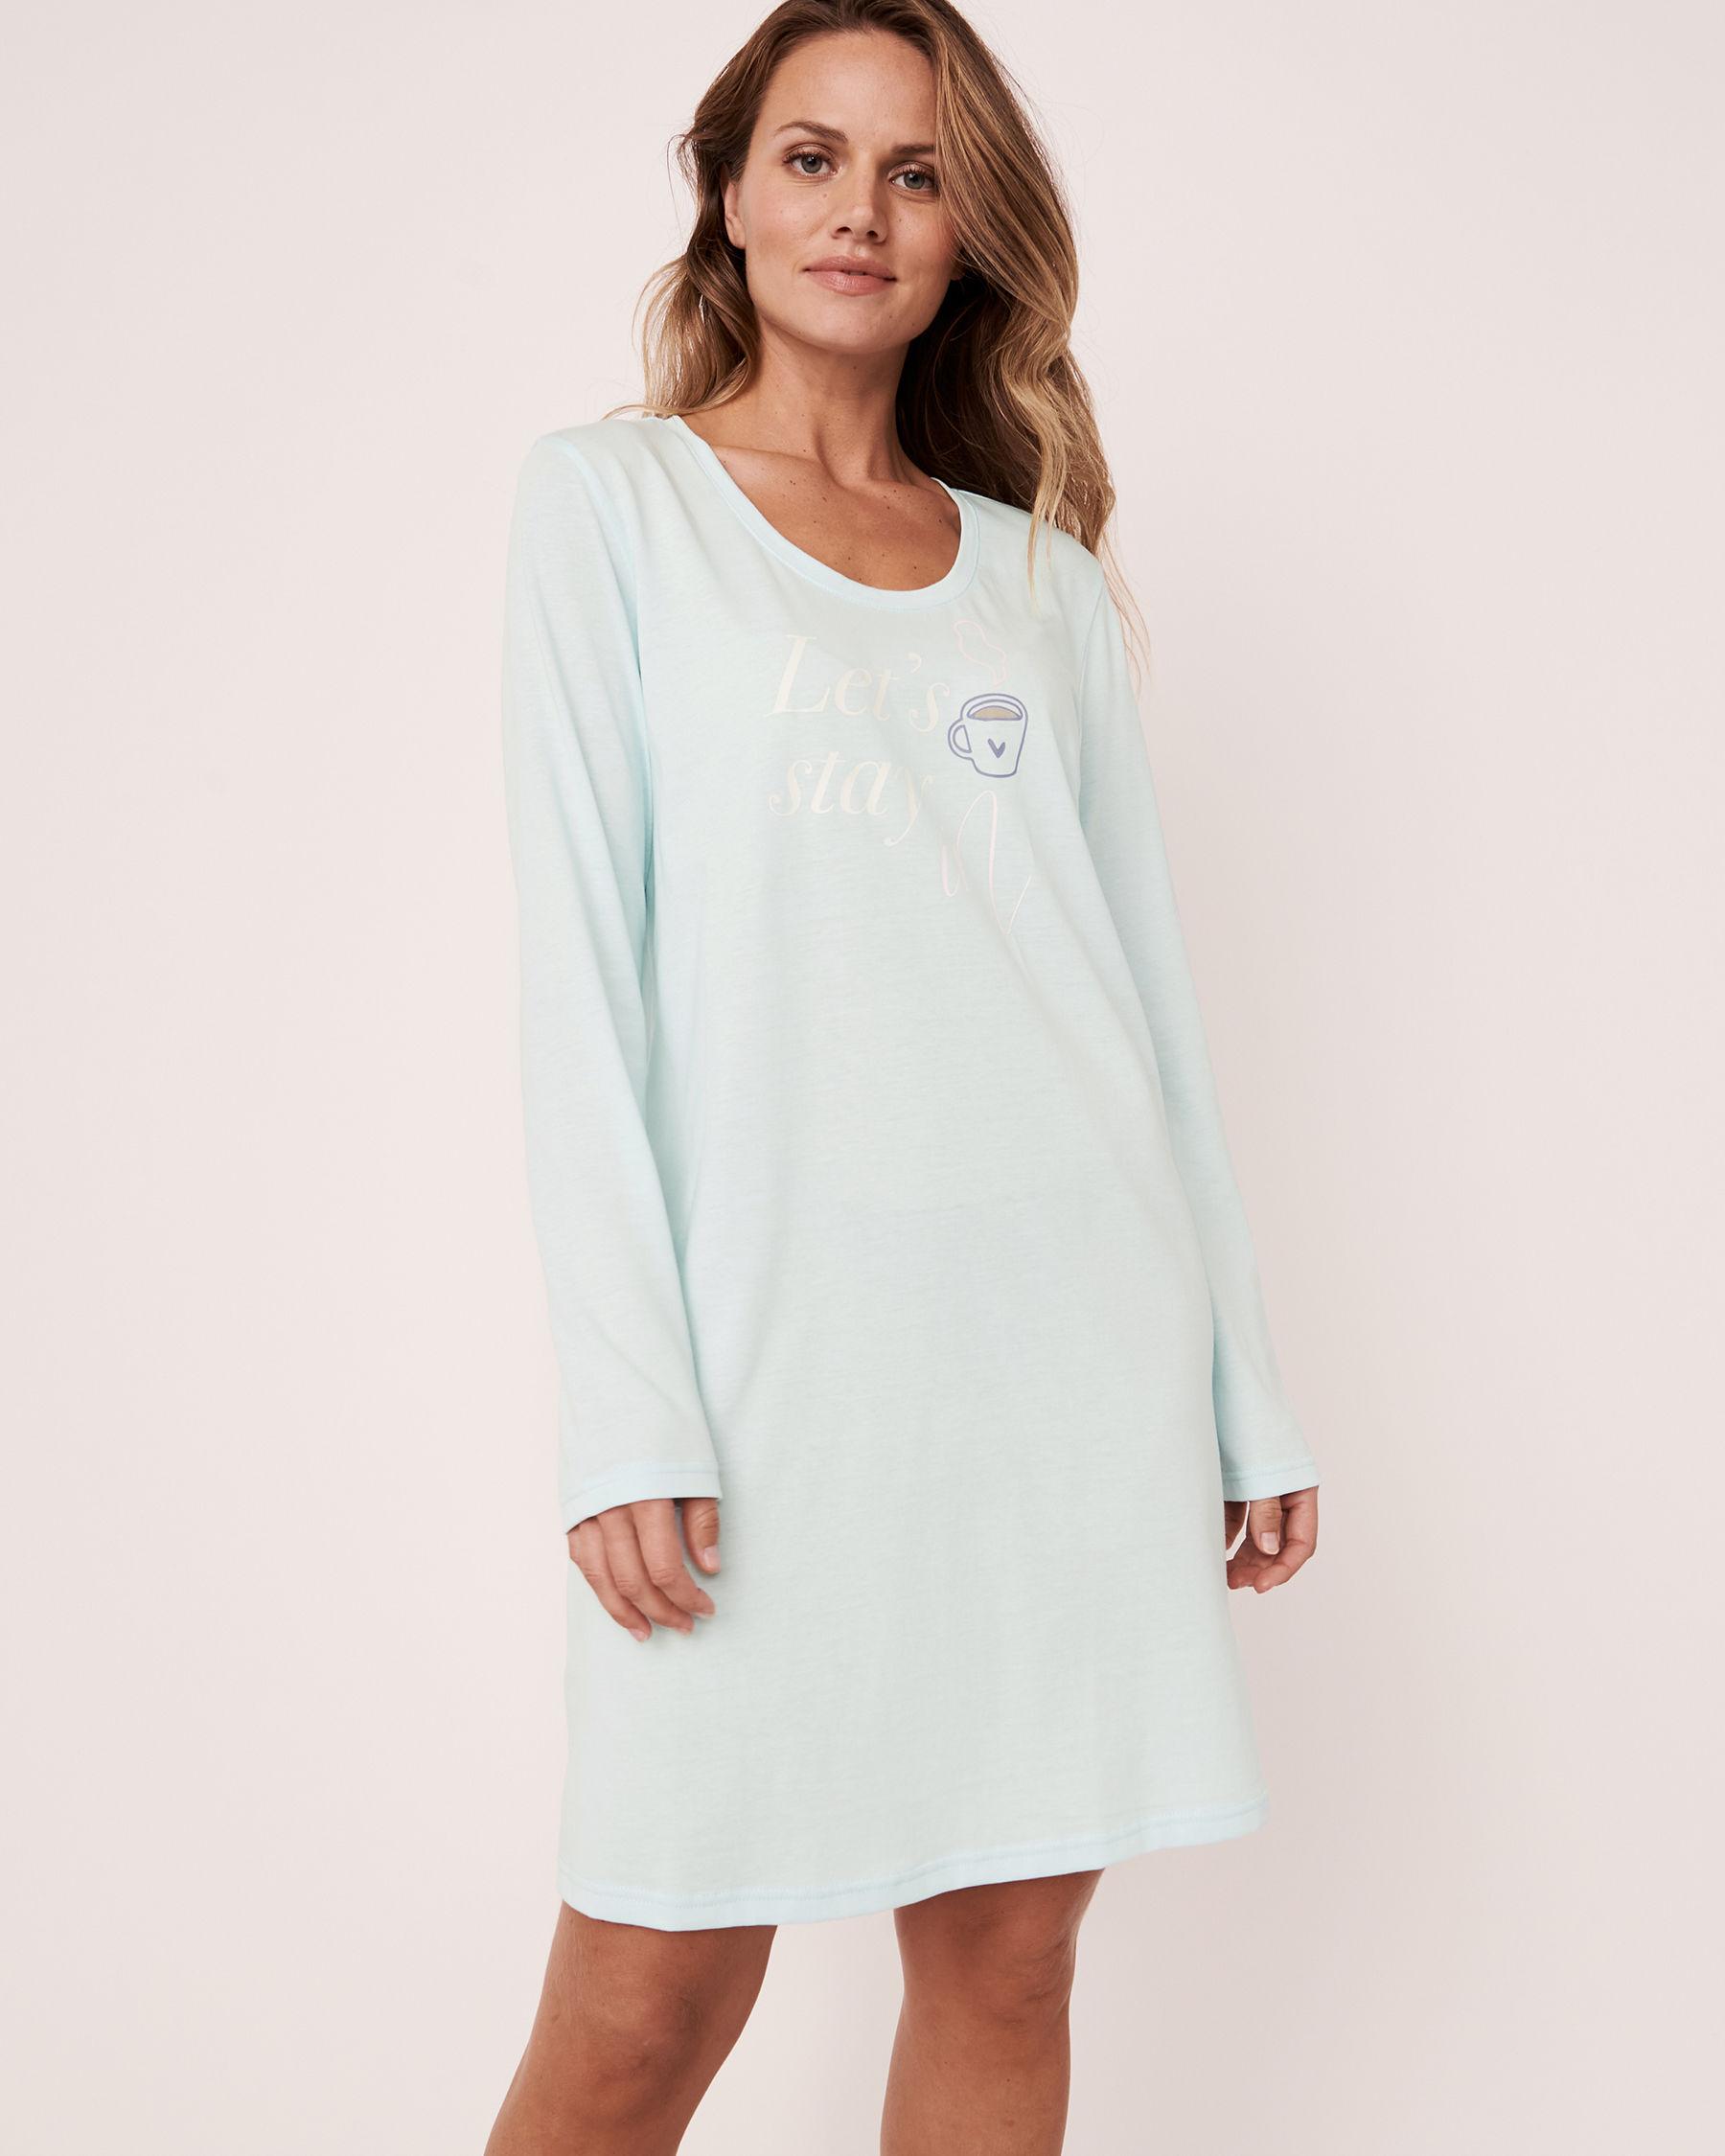 LA VIE EN ROSE Scoop Neck Long Sleeve Sleepshirt Blue glow 40500105 - View1